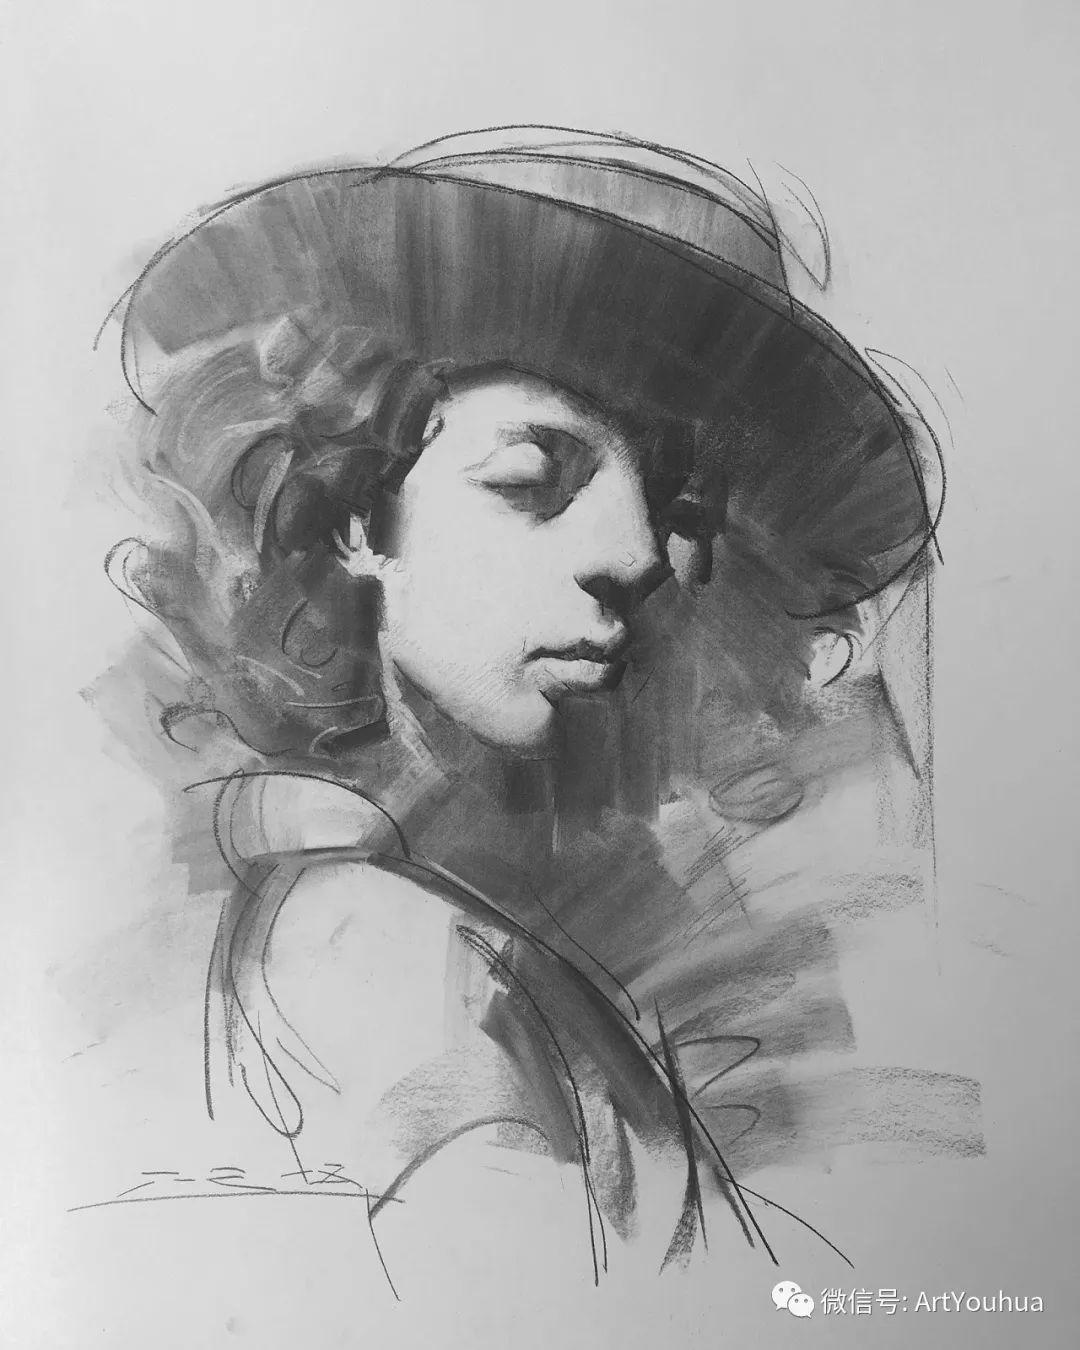 他的人物肖像绘画独具一格 还是位80后画家插图103